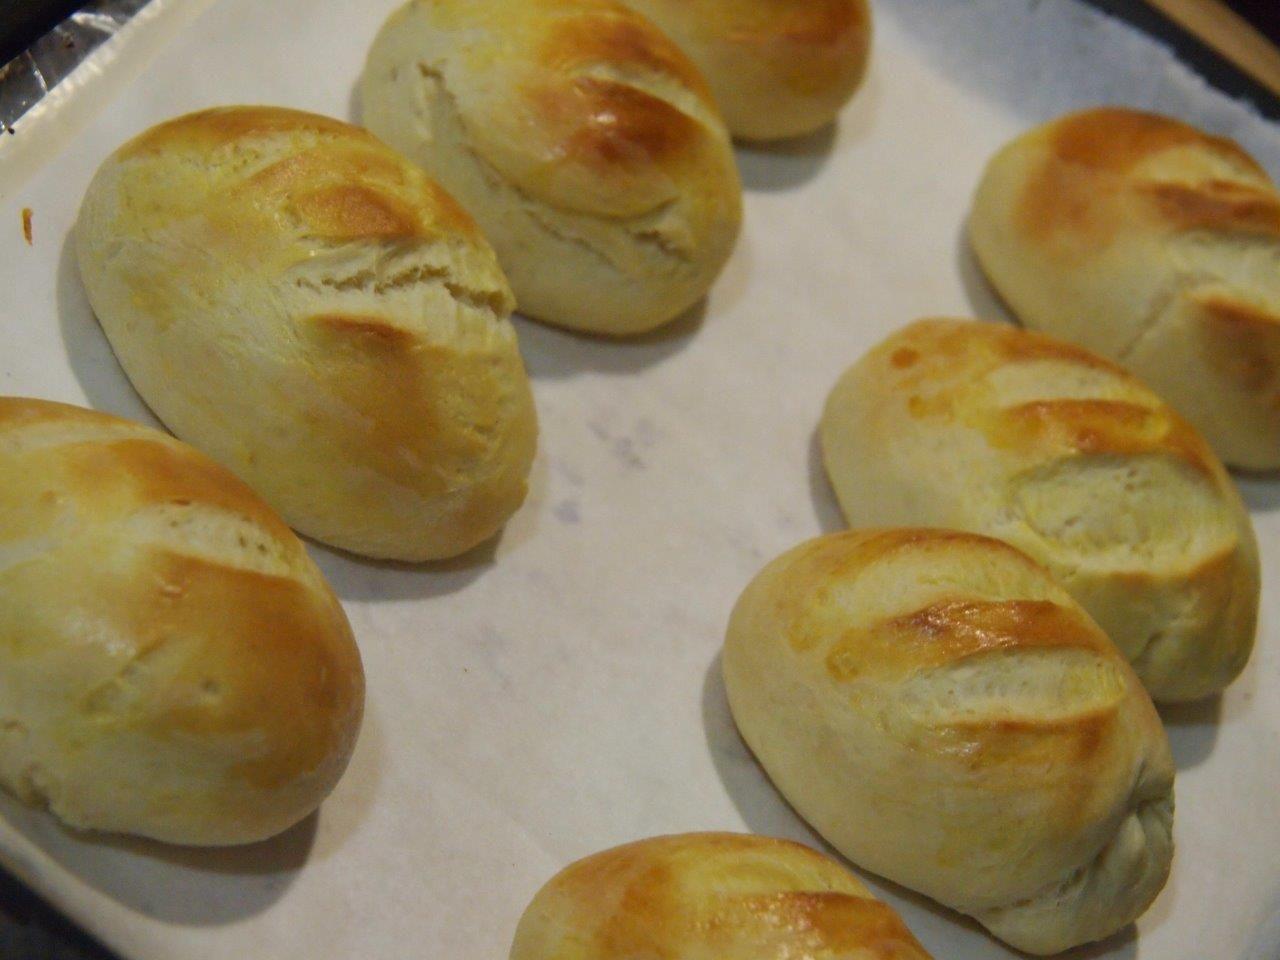 Pan de leche condensada proceso